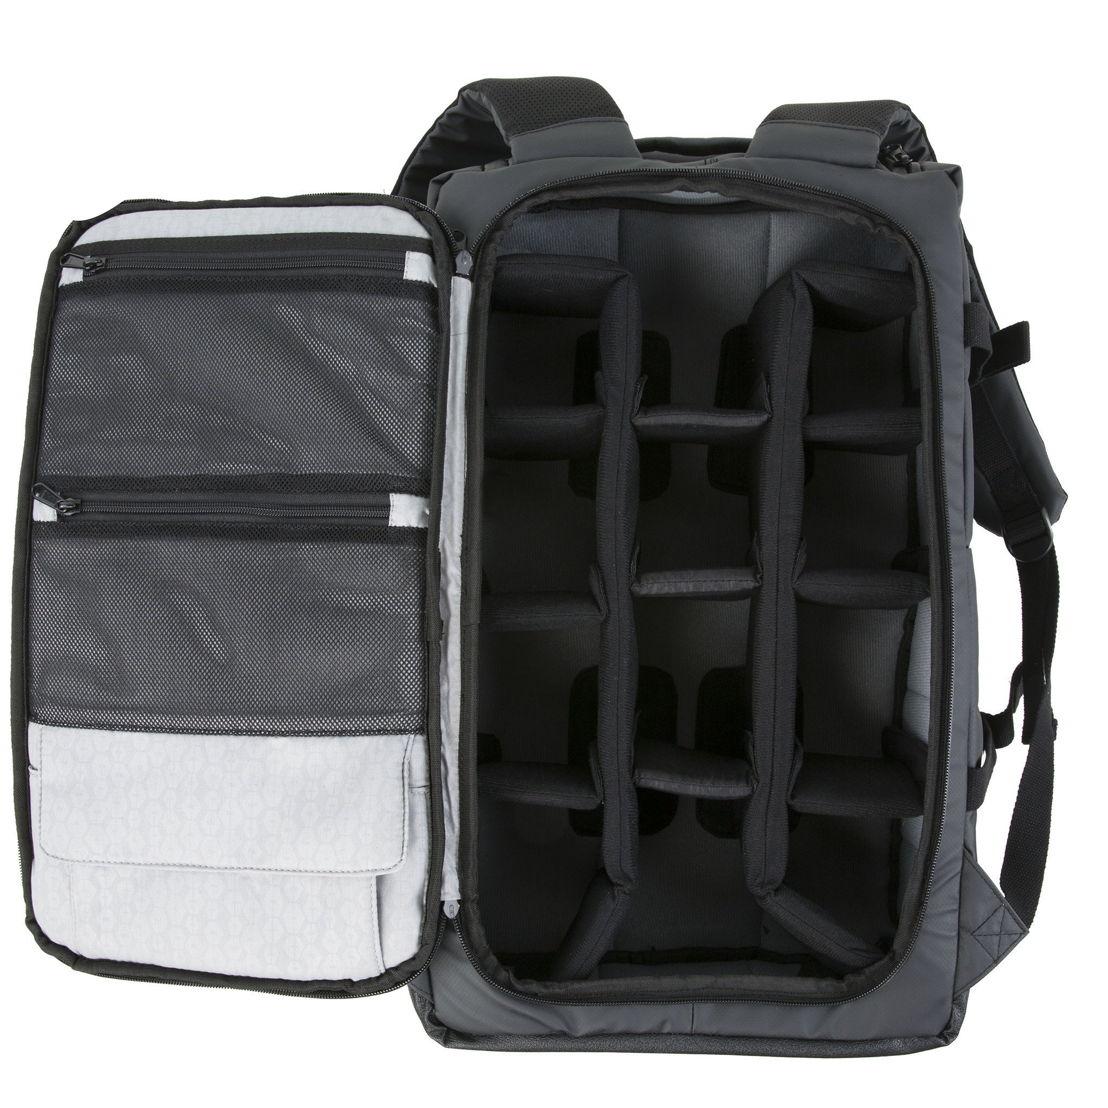 Raven DSLR Backpack